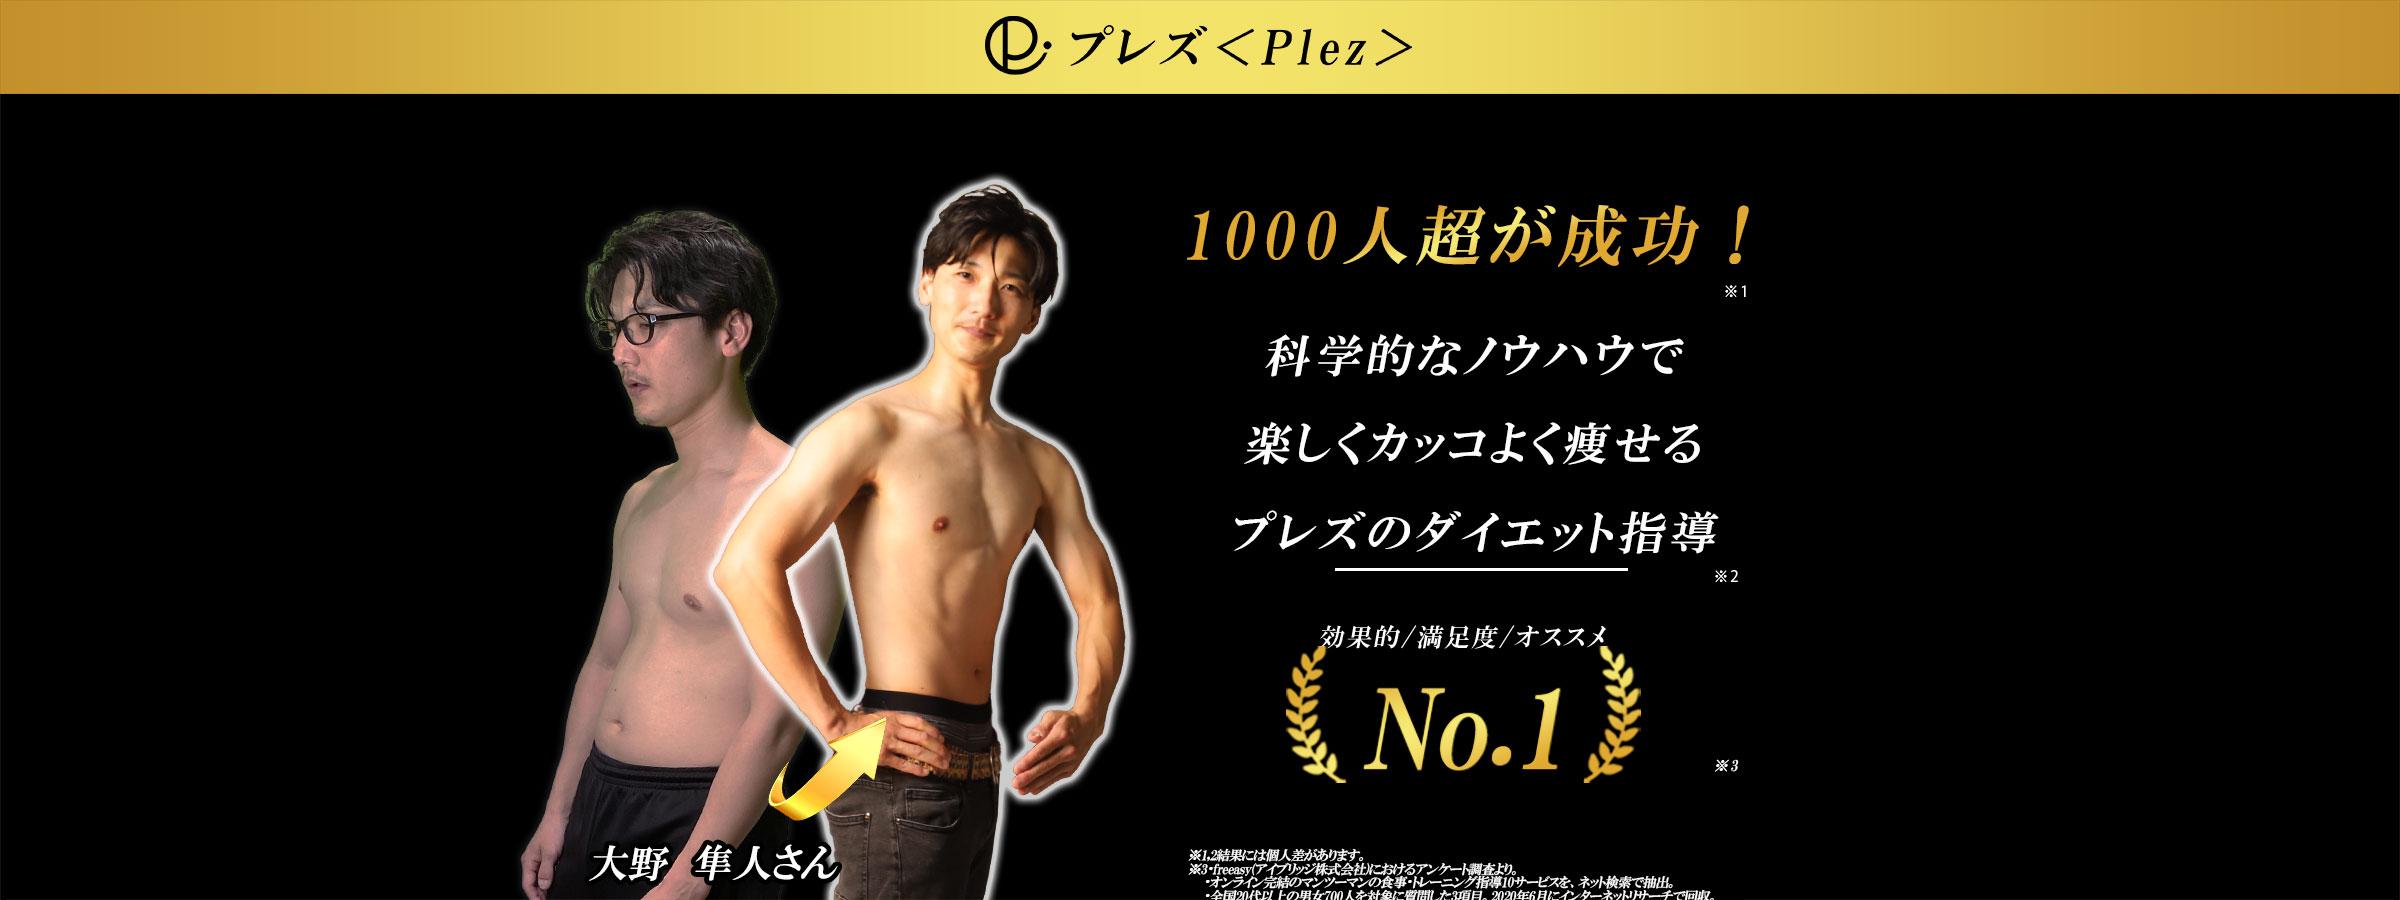 LINEで受けるプレズ<Plez>のダイエット指導。3ヶ月で-6.4kg ウエスト-12cm